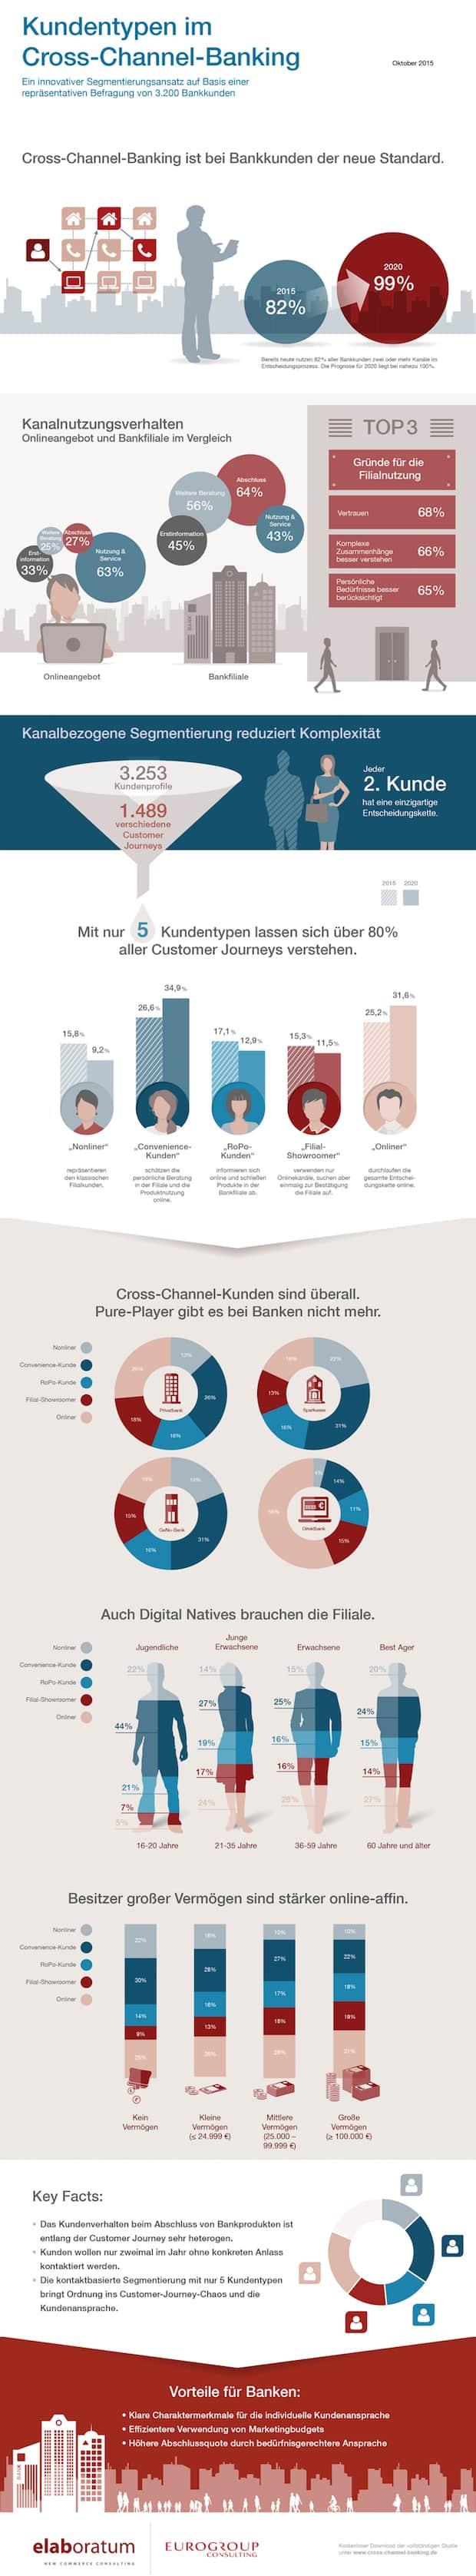 Bild von Banken planen Digitalisierung und Filialumbau am Kunden  vorbei